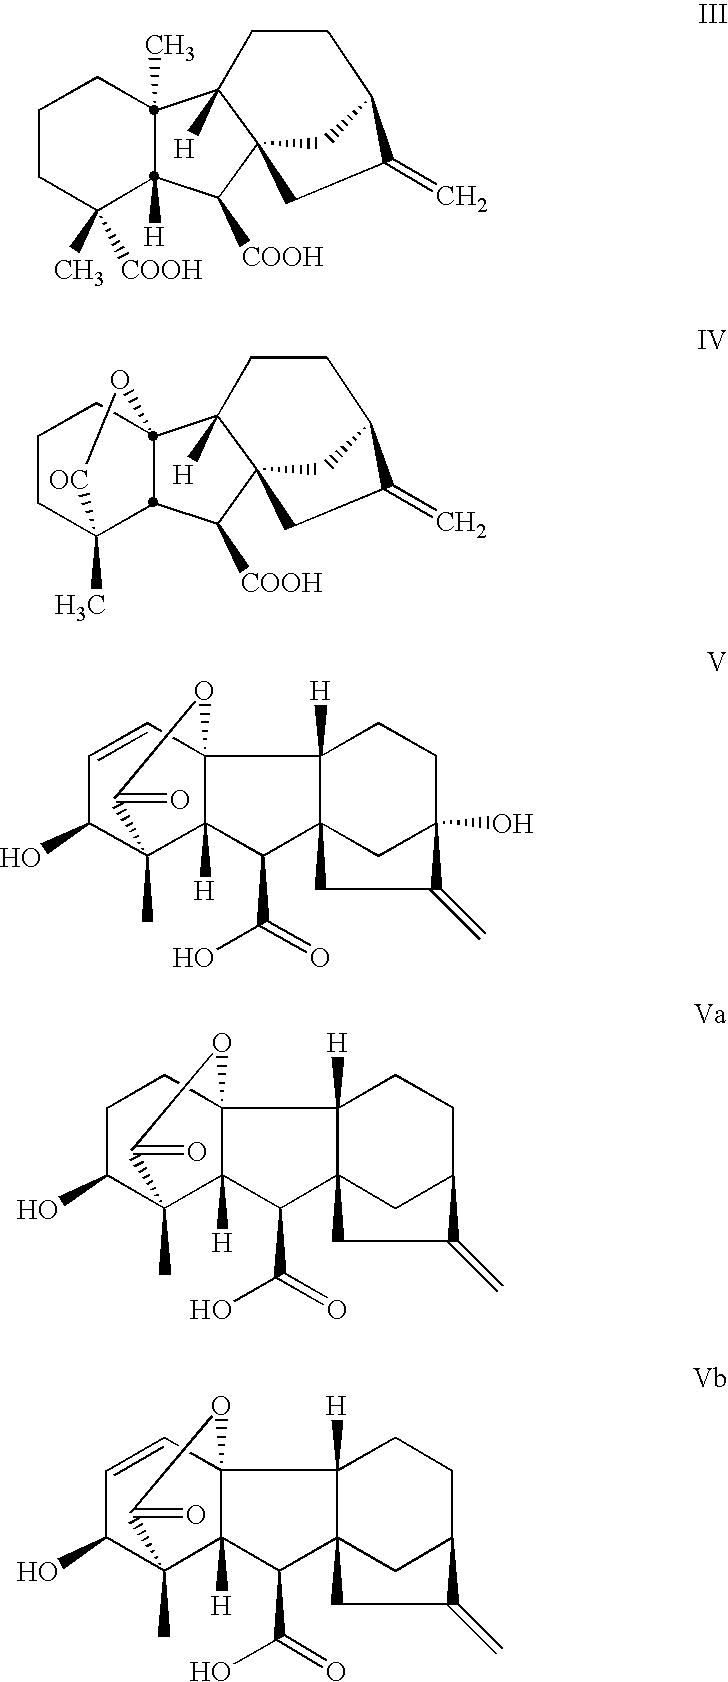 Figure US20040116511A1-20040617-C00018